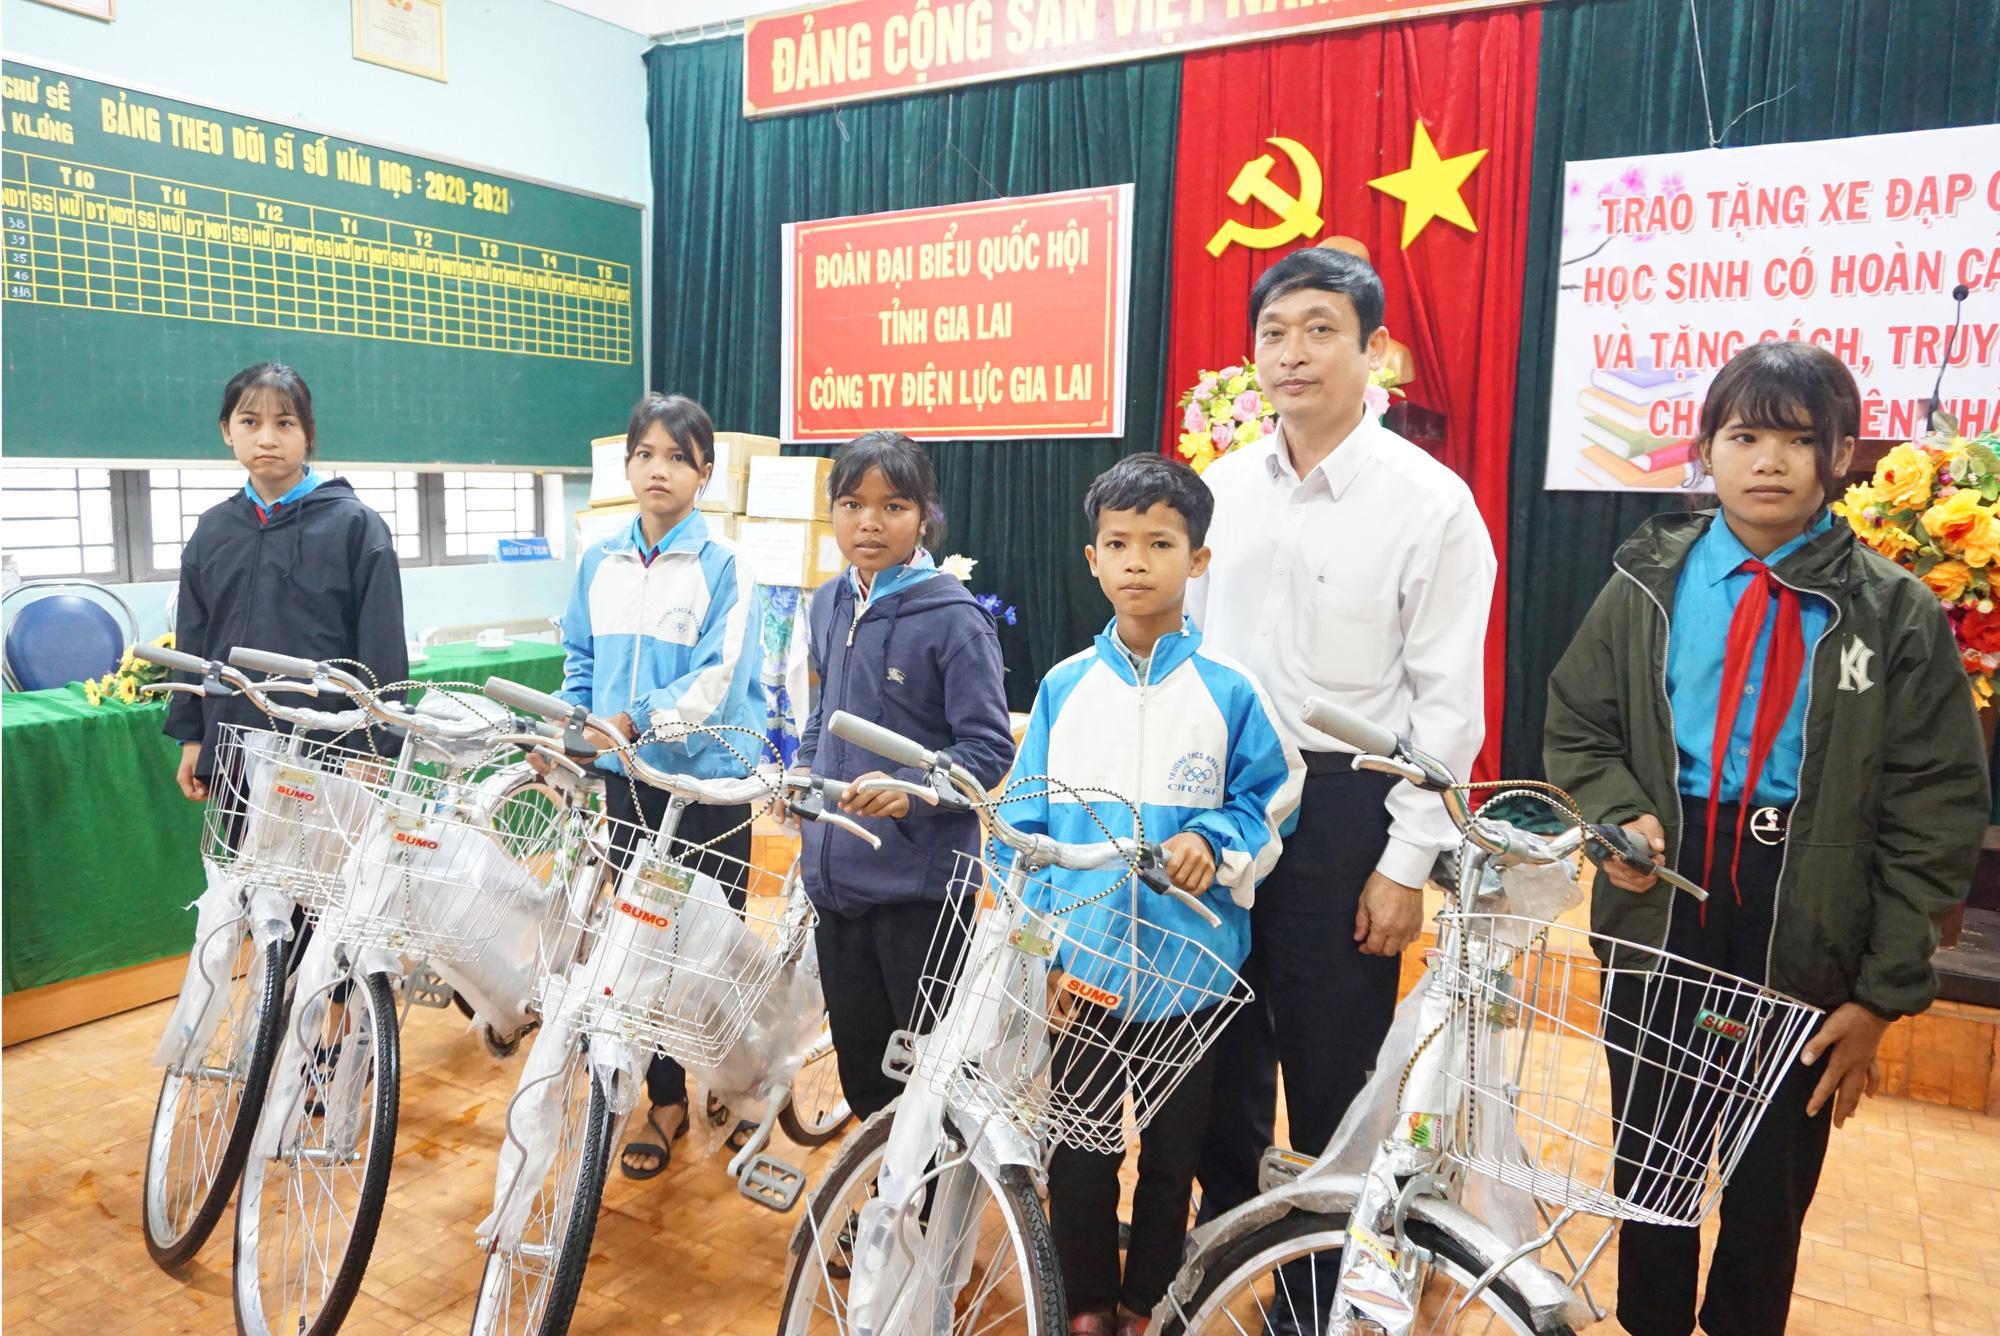 Gia Lai: Trao xe đạp, nâng bước hoc sinh nghèo đến trường - Ảnh 1.